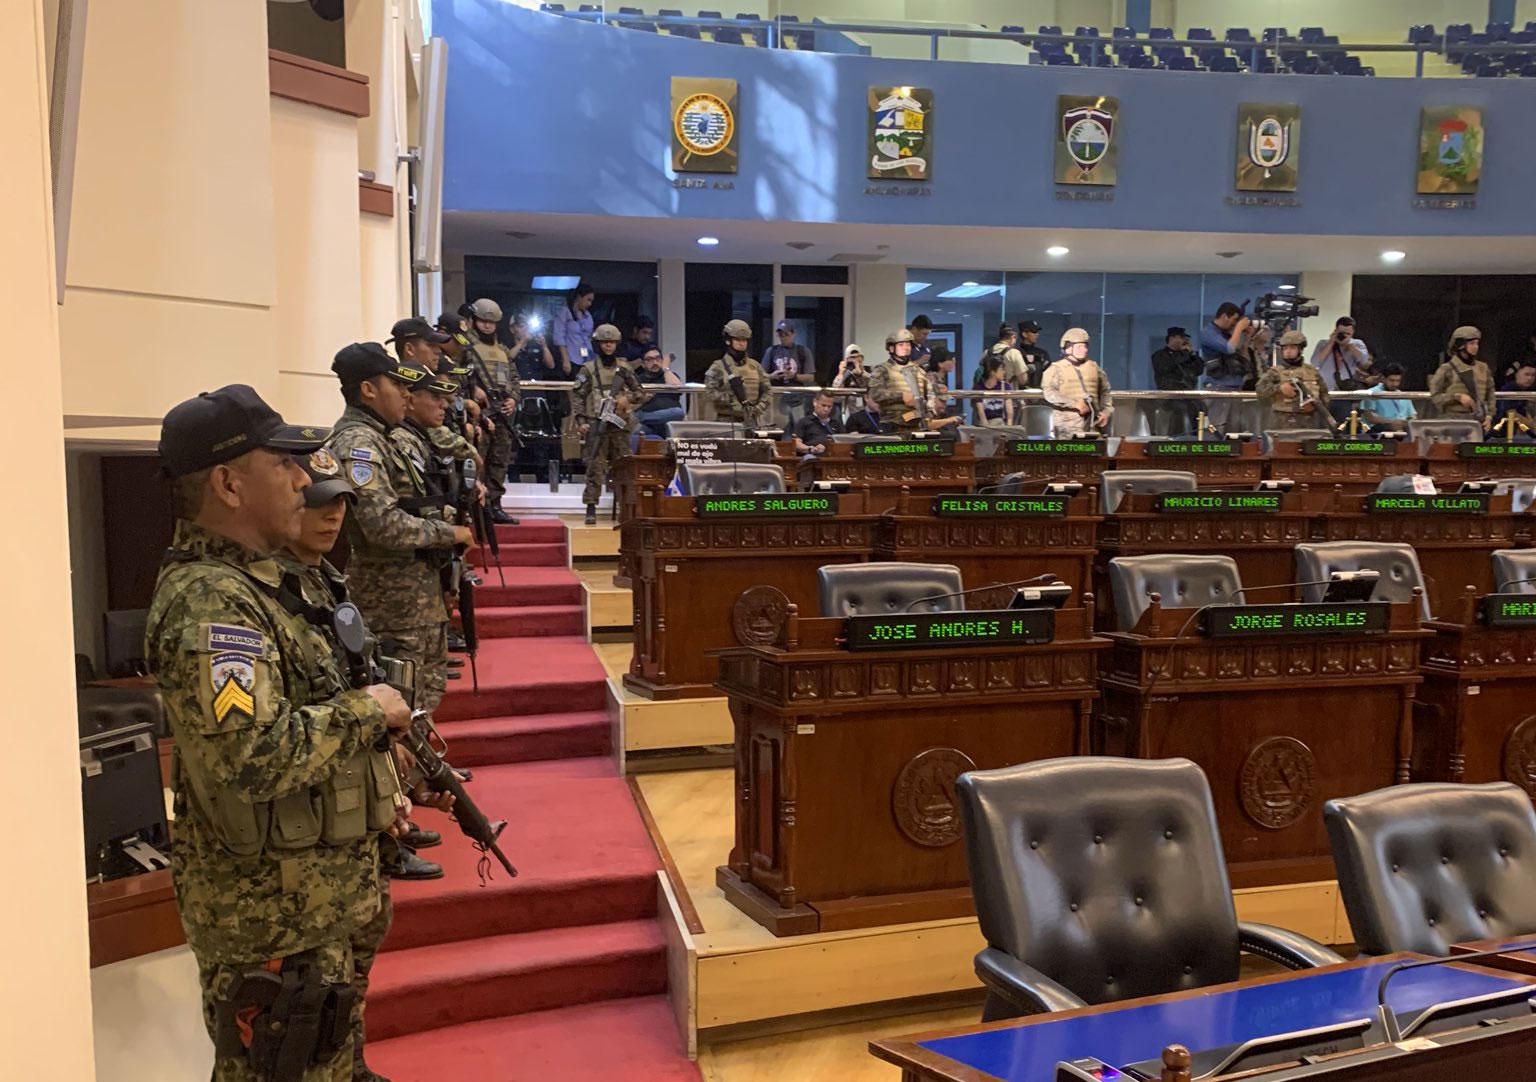 Resultado de imagen de fuerzas armadas en asamblea de eL sALVADOR